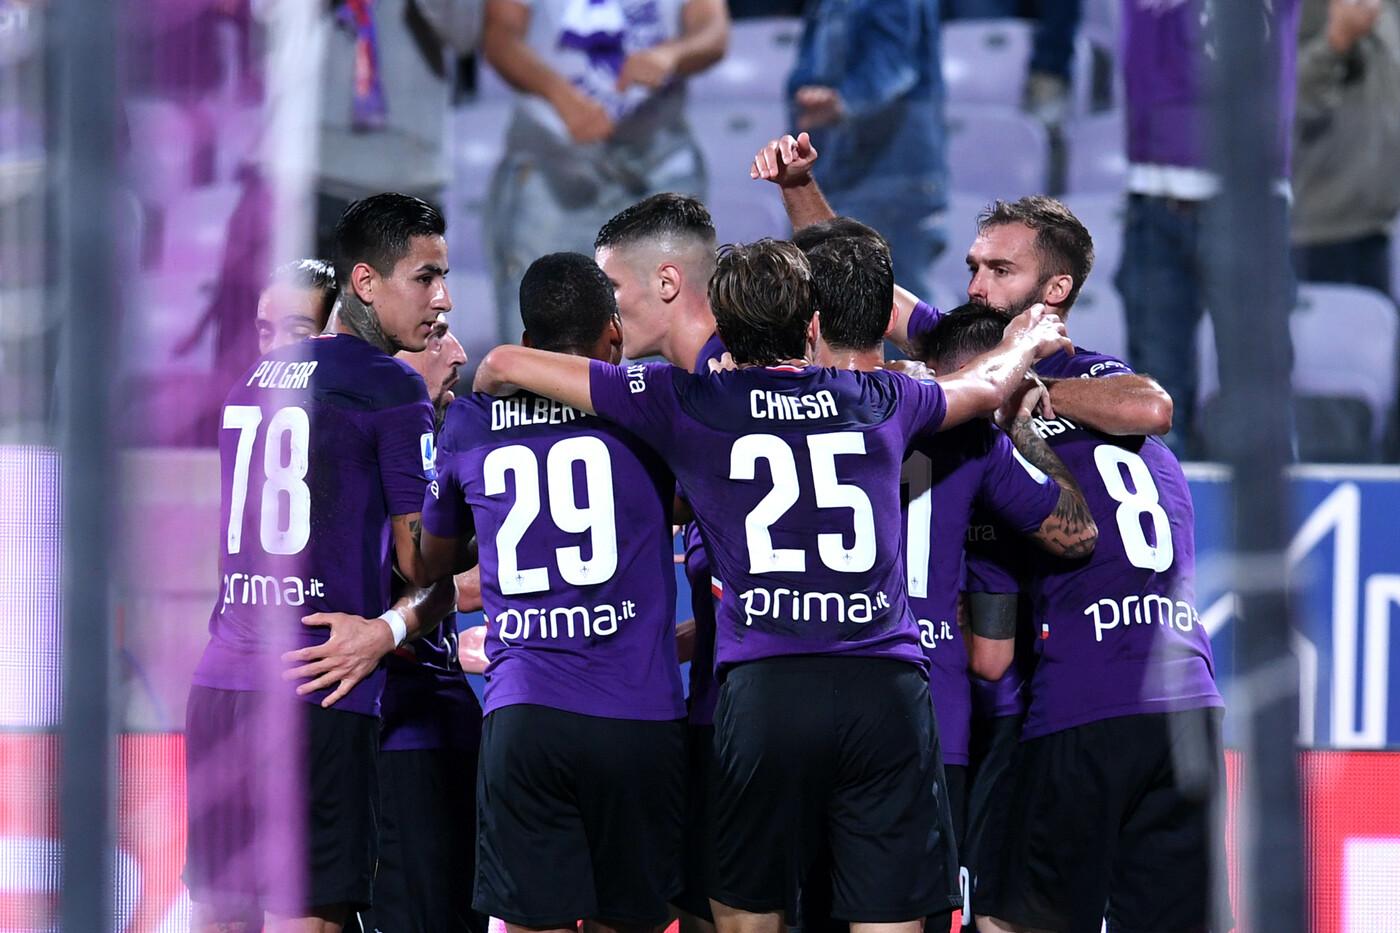 Fiorentina-Udinese 6 ottobre: il pronostico di Serie A